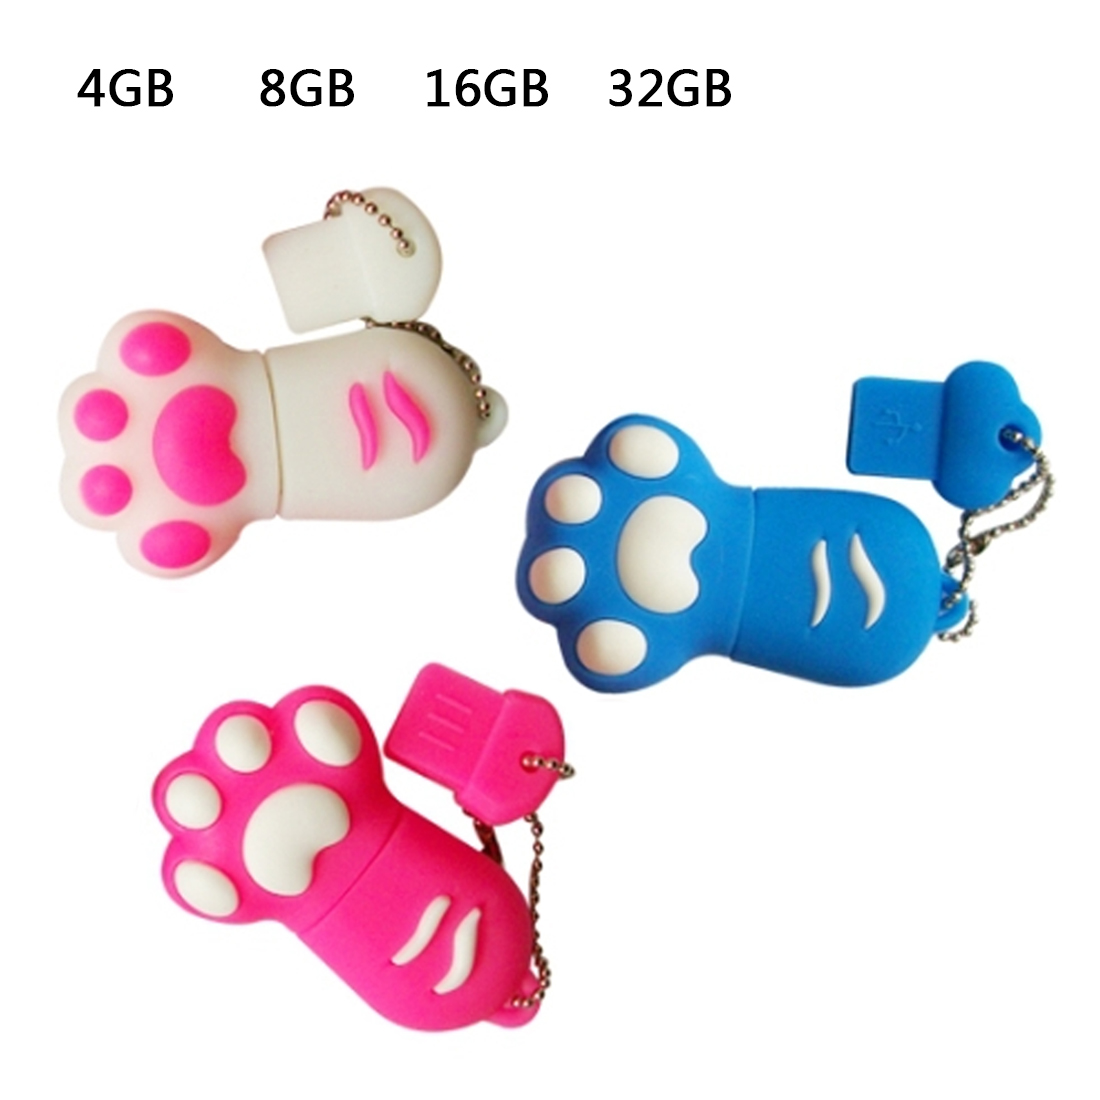 Etmakit Cartoon Cat Claw Usb flash drive 4gb/8gb/16gb/32gb cats claw usb flash drive usb, pendrive/car/gift/disk